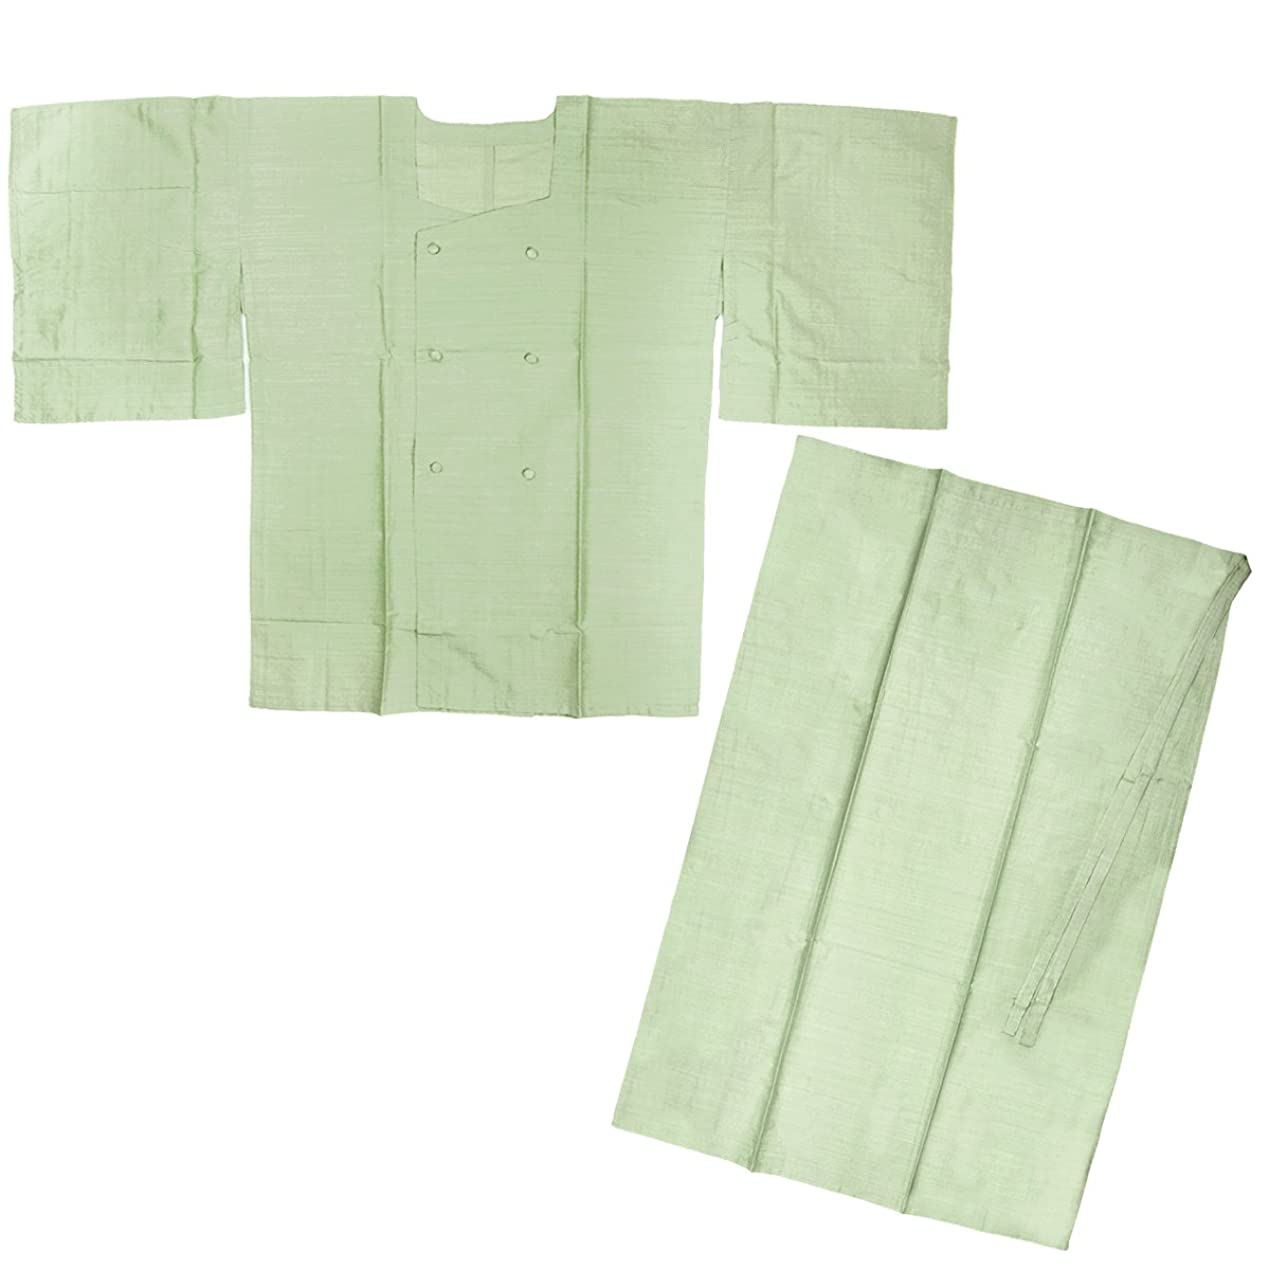 レルムフォージアパート(キョウエツ) KYOETSU レディースレインコート 雨除け 雨コート二部式